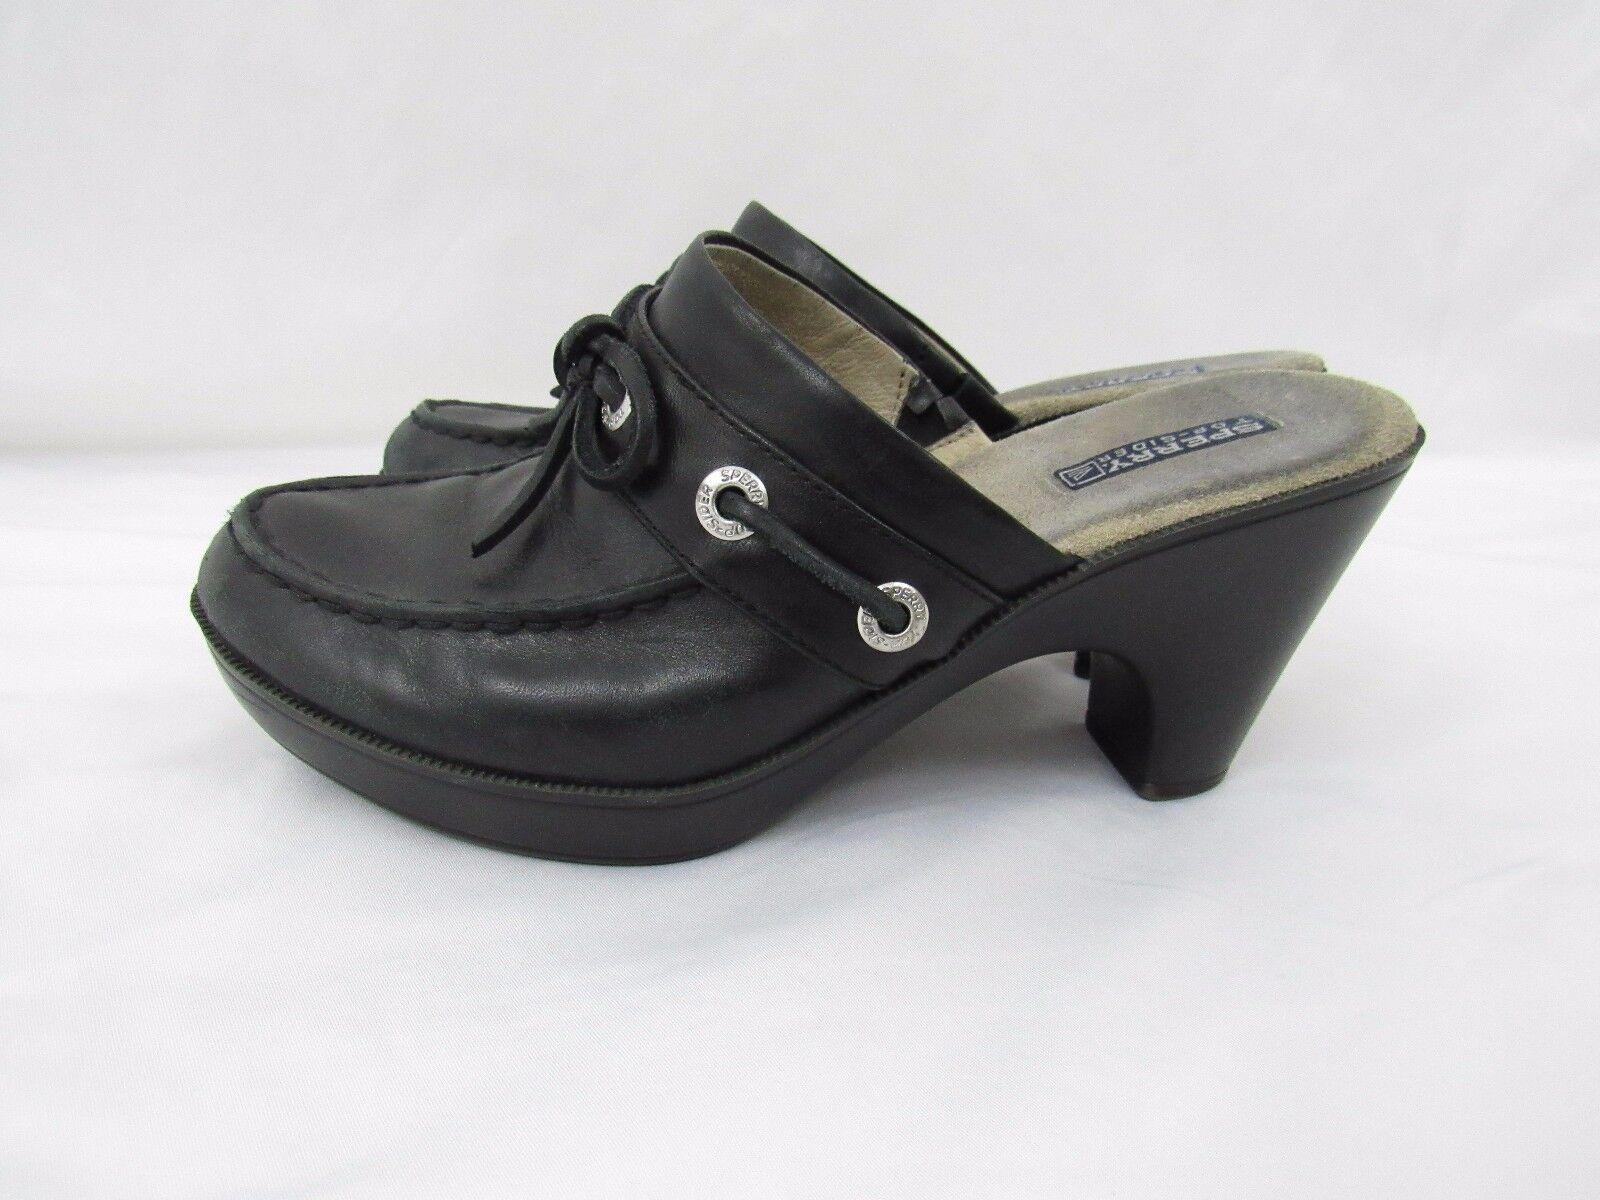 Les Fiemmard Sider Talons Haut De Chaussures Sperry rqnrYU4S